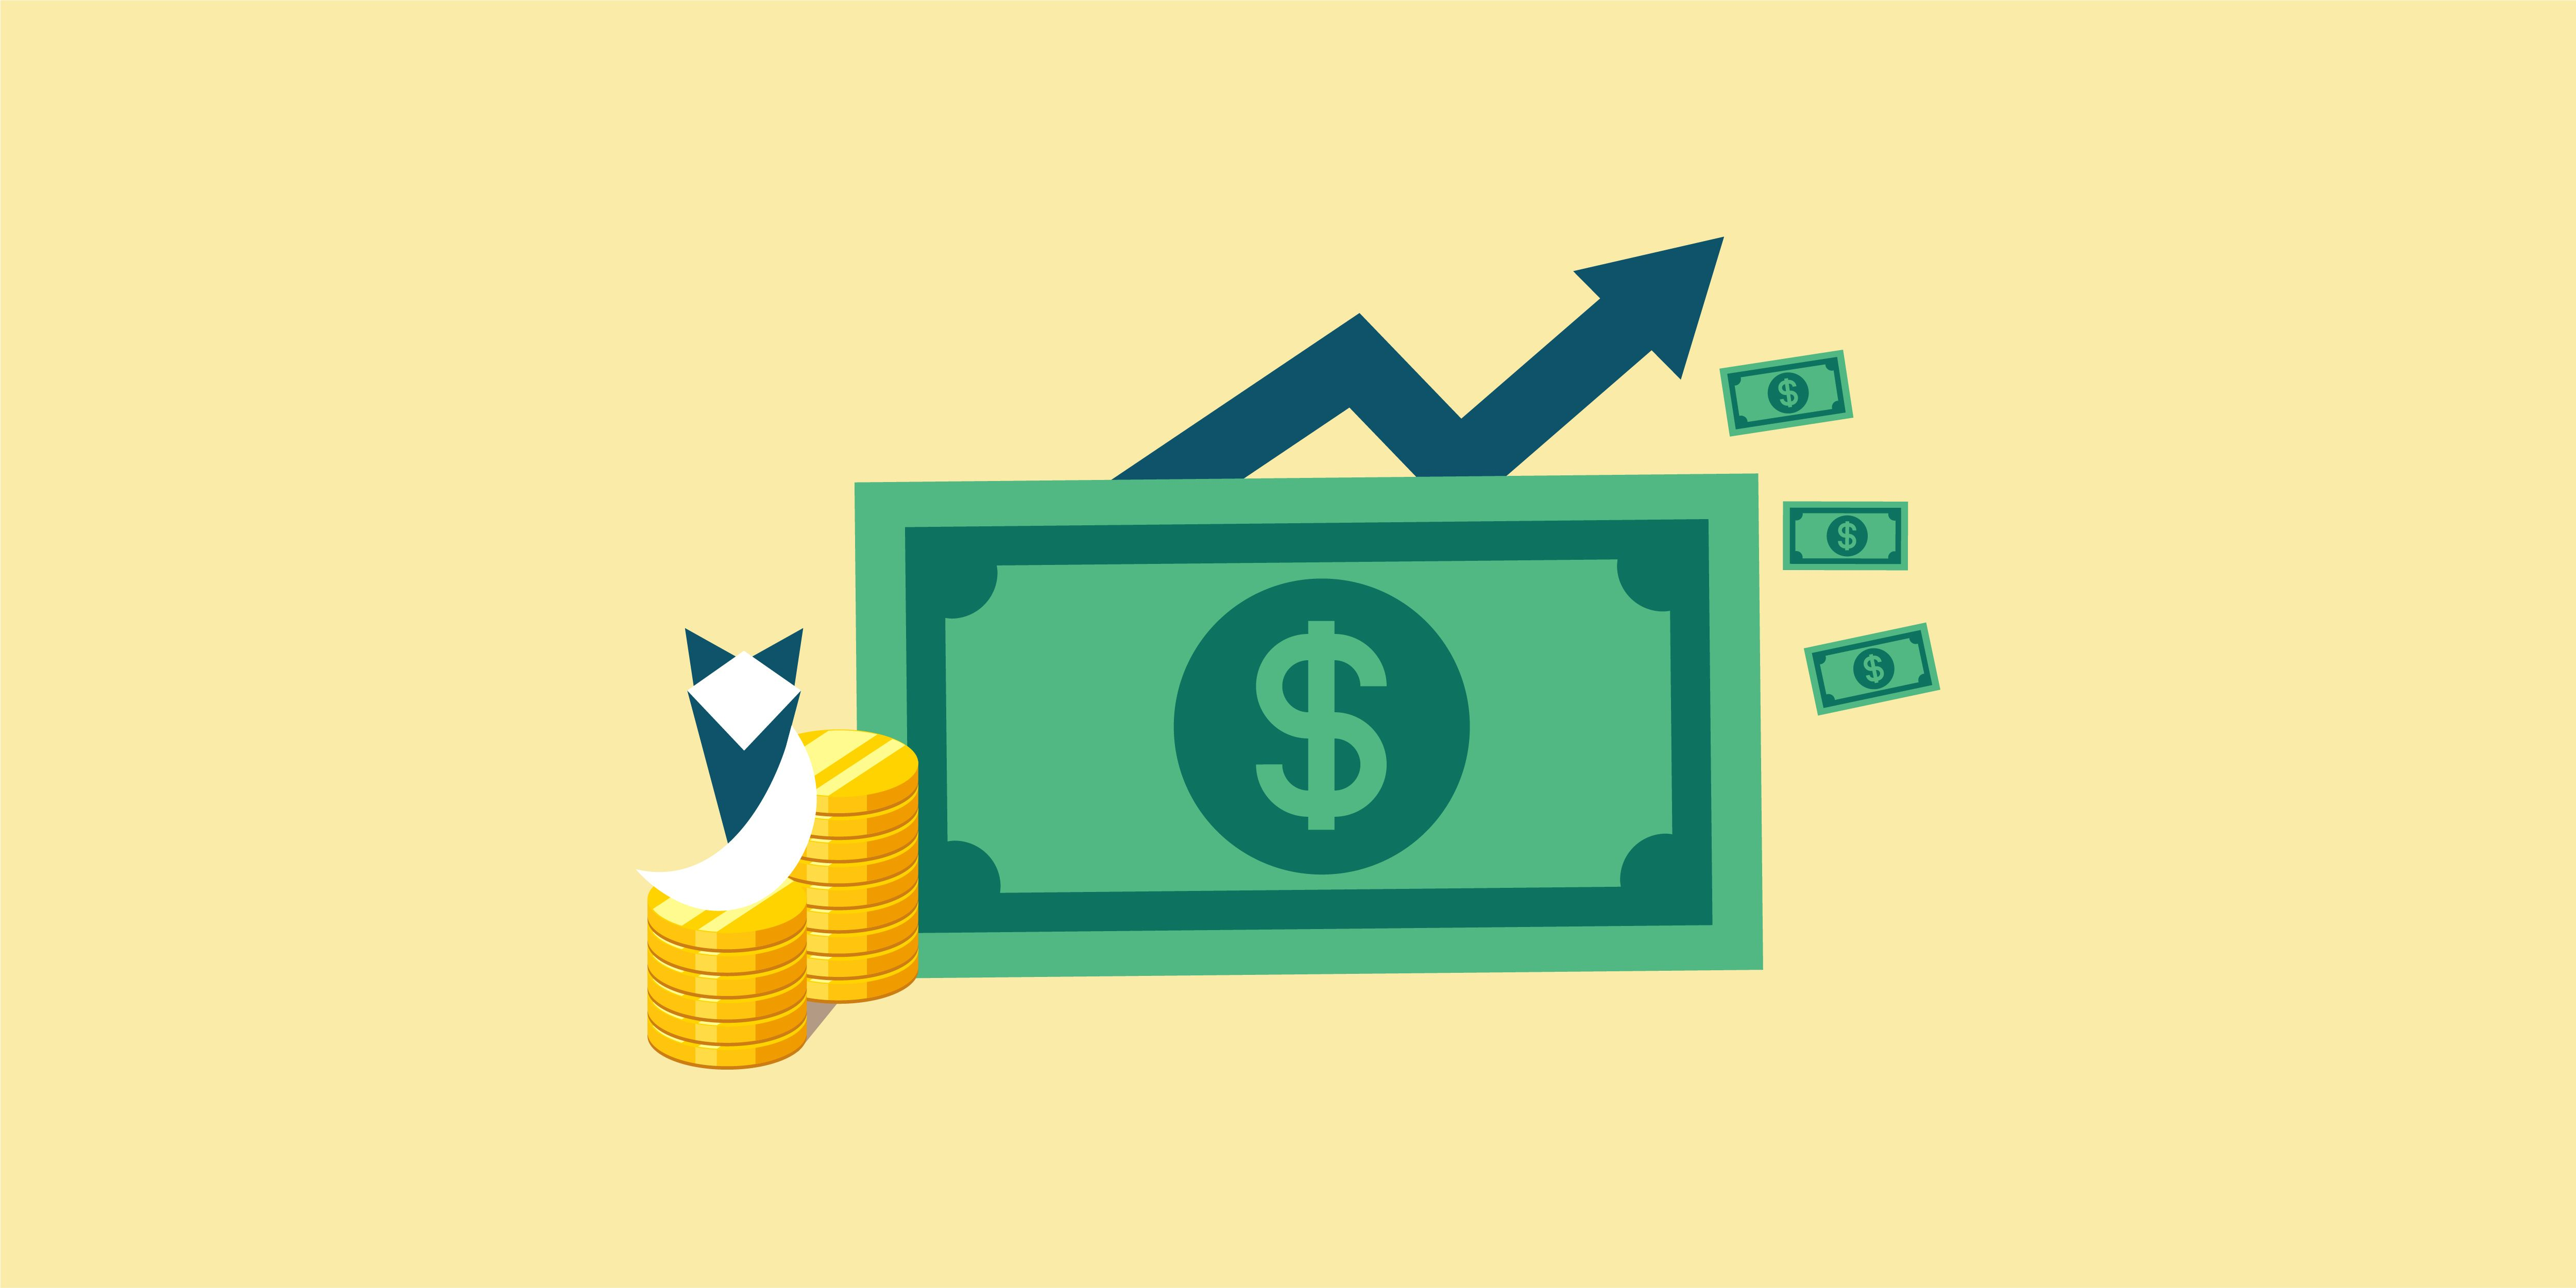 سعر الدولار اليوم فى البنوك المصرية اليوم 13 سبتمبر 2021